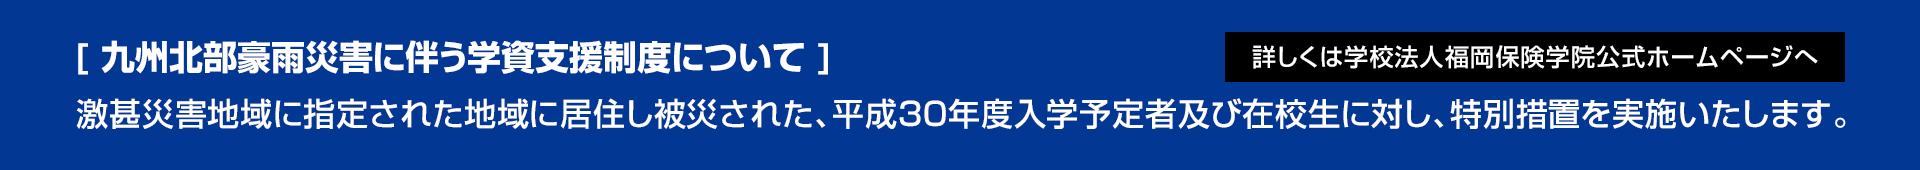 九州北部豪雨災害に伴う学資支援制度について